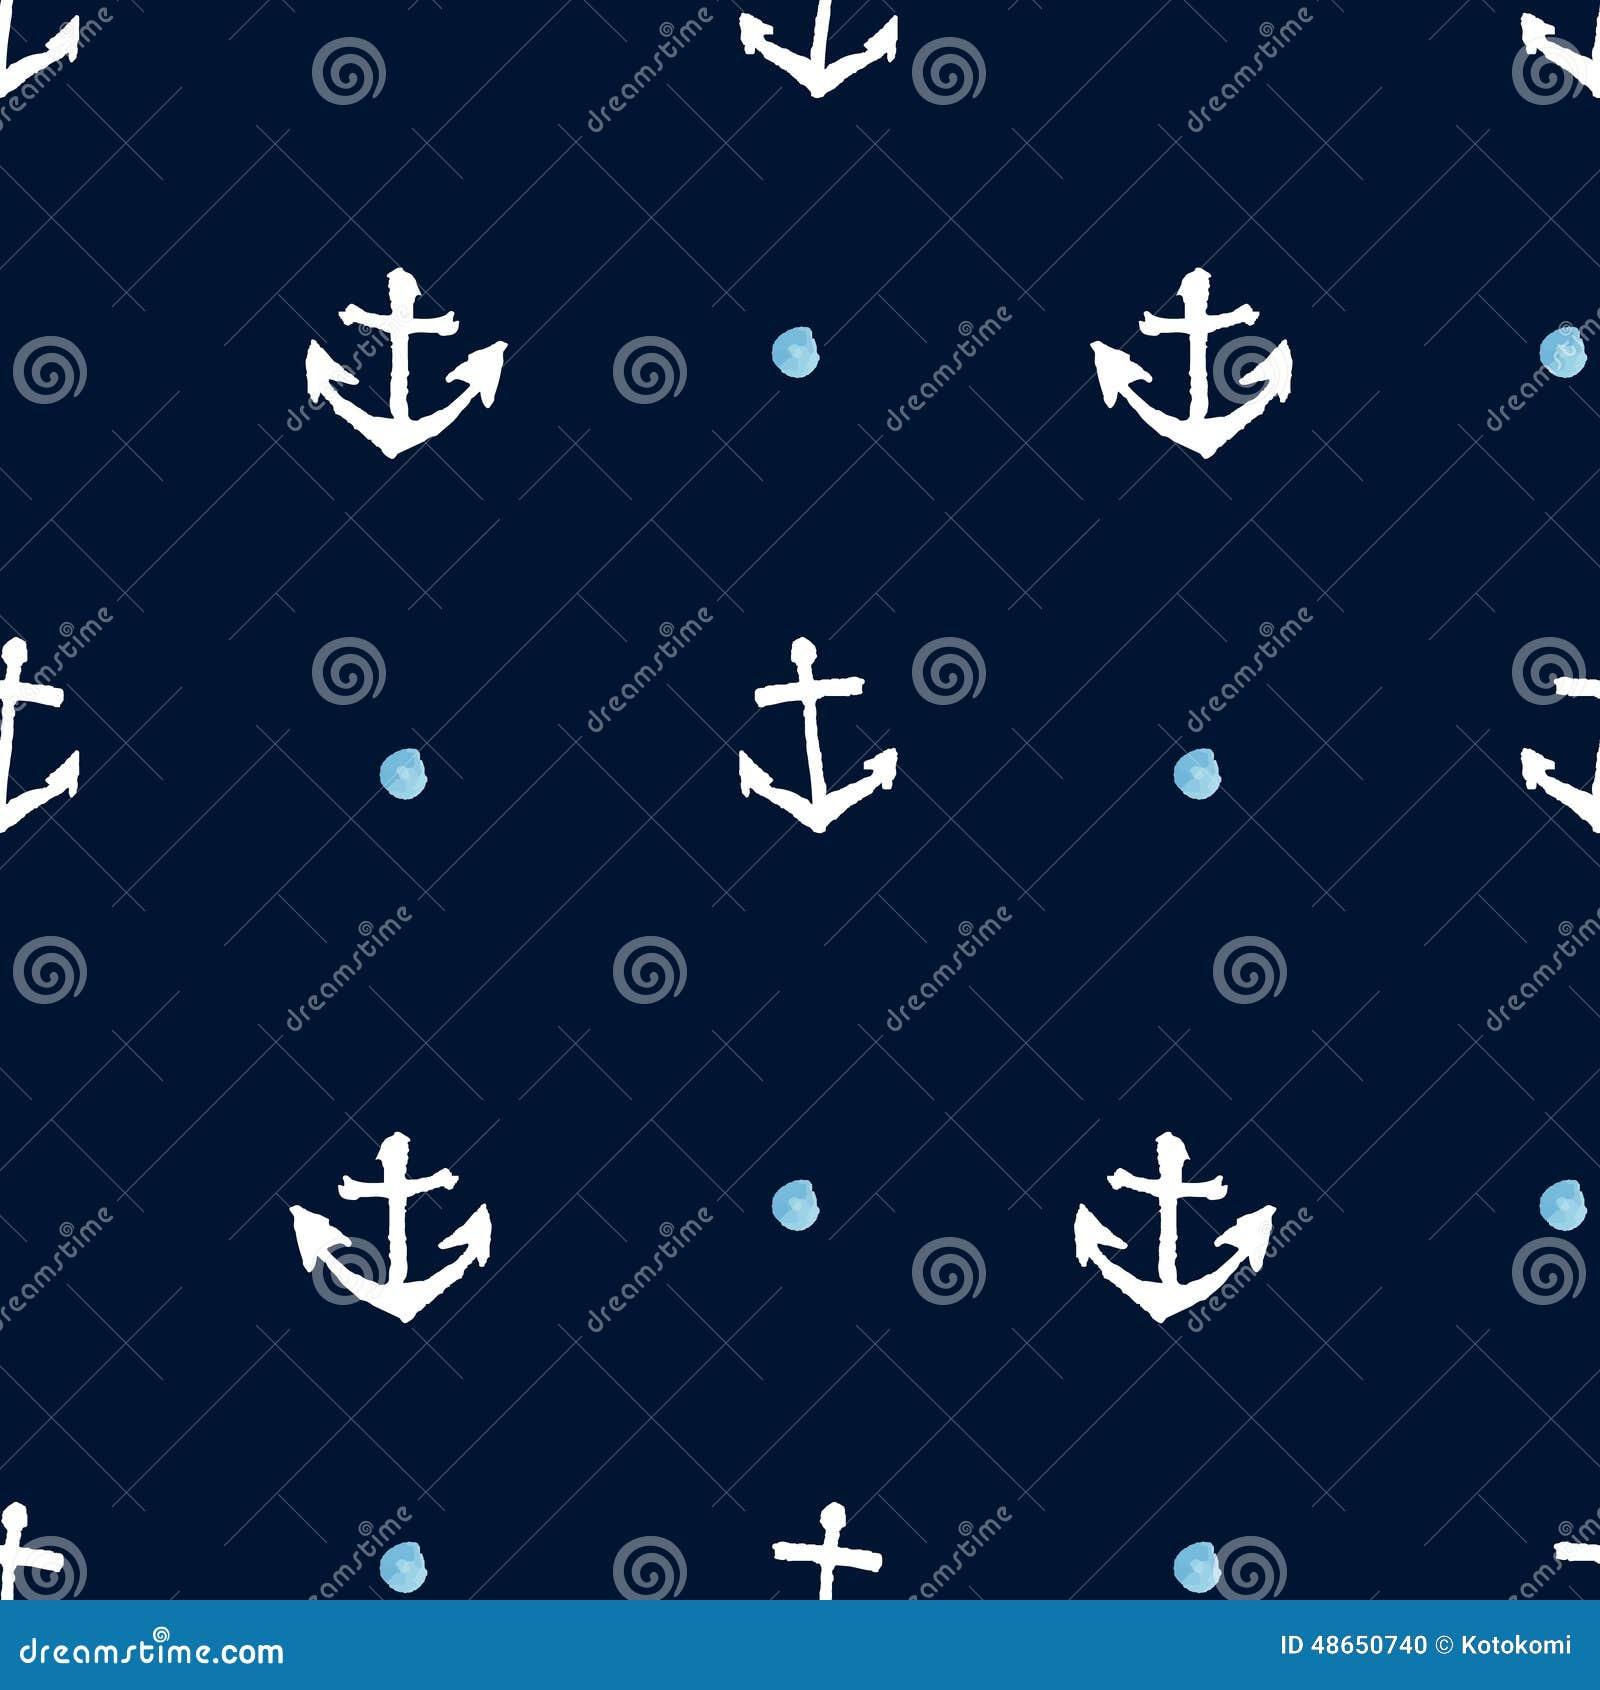 Dark Navy Seamless Anchor Background. Hand Drawn Vector ...